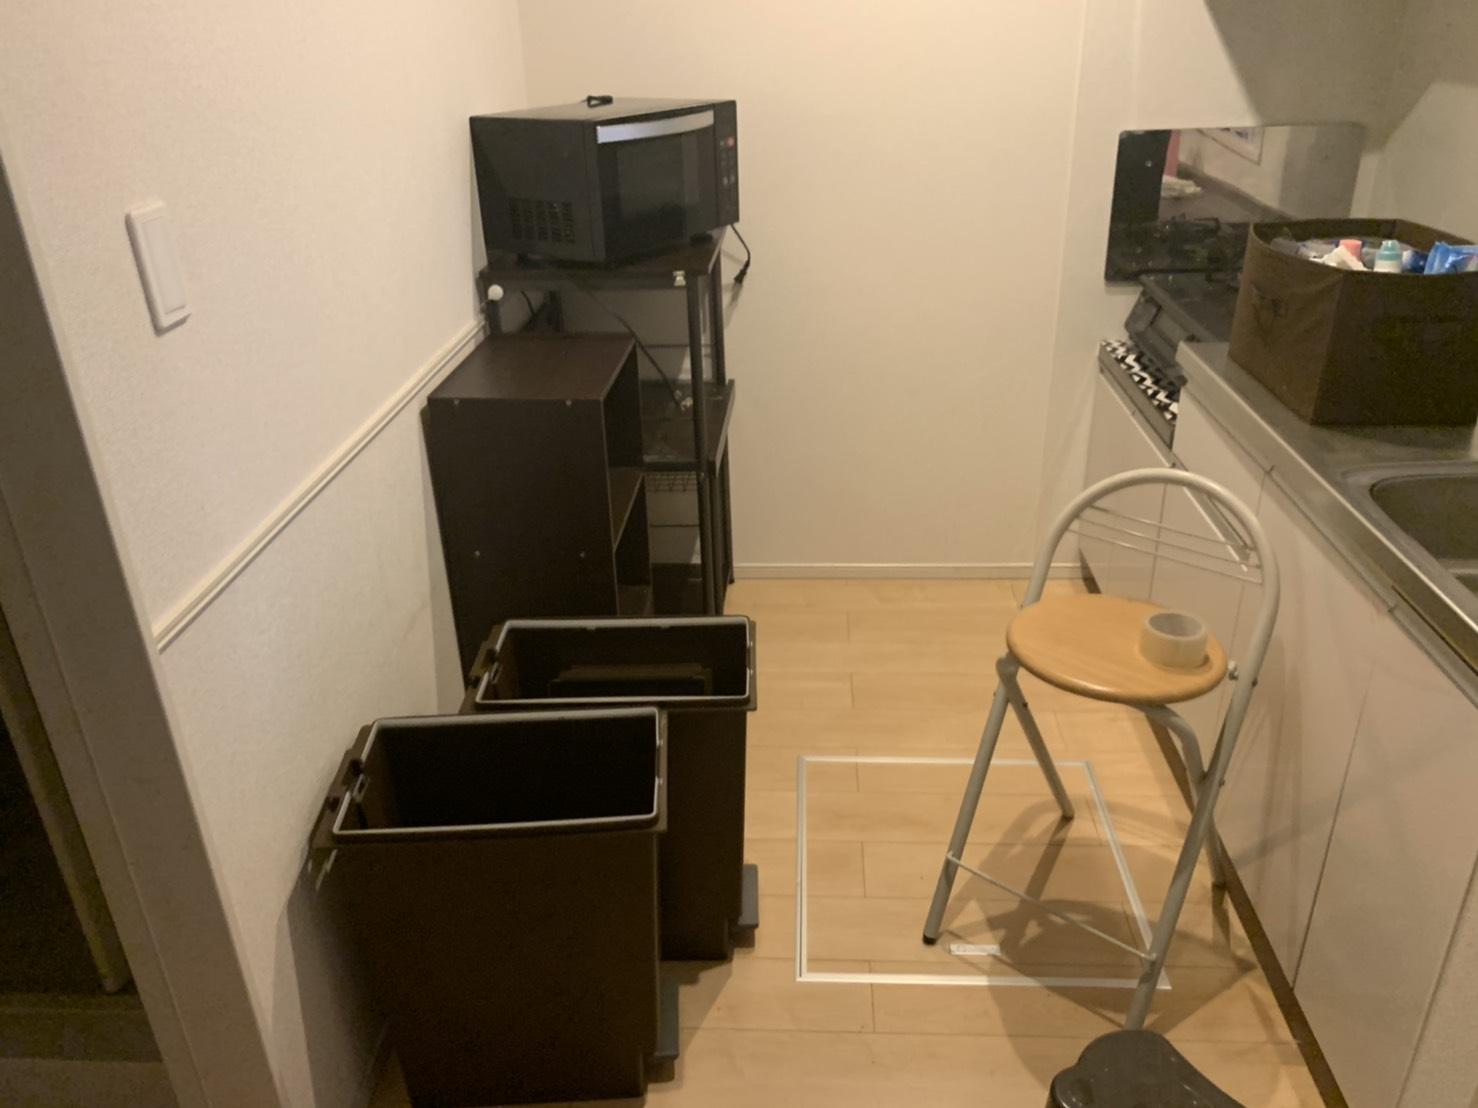 電子レンジ、ゴミ箱、カラーボックス、レンジ台、椅子の回収前